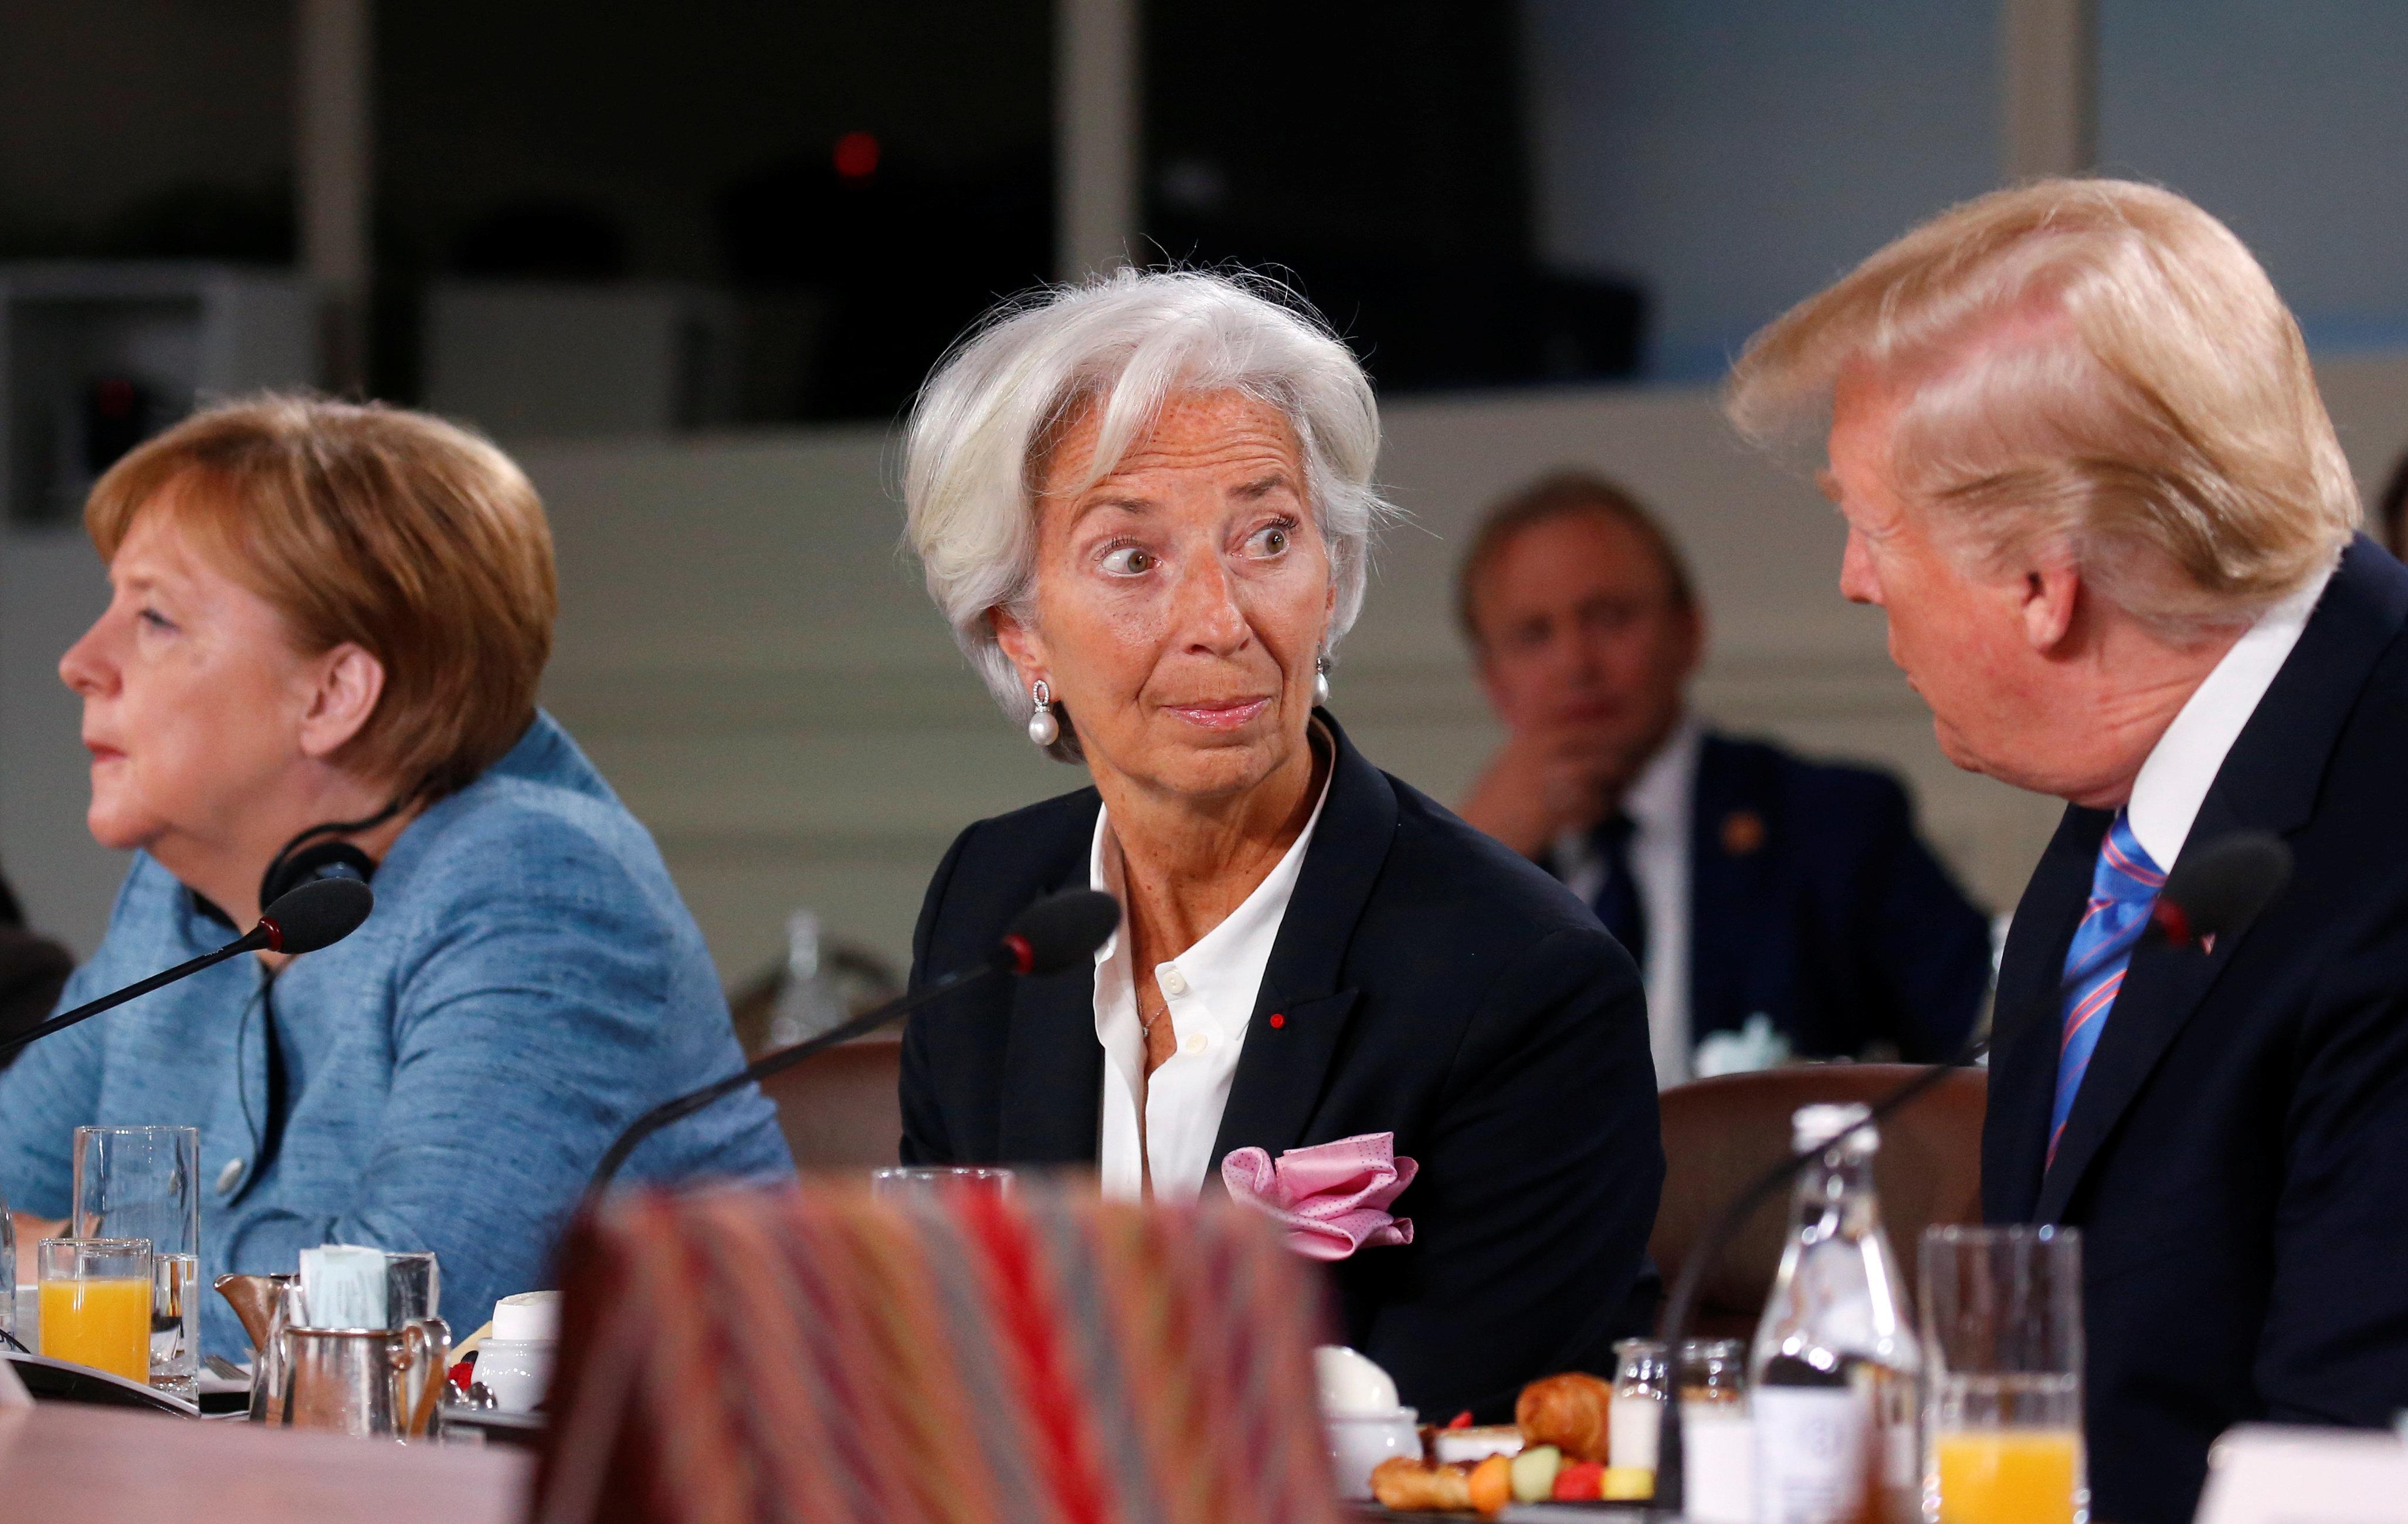 Traum in grandiosen Bildern: So hätte der G7-Gipfel laufen können